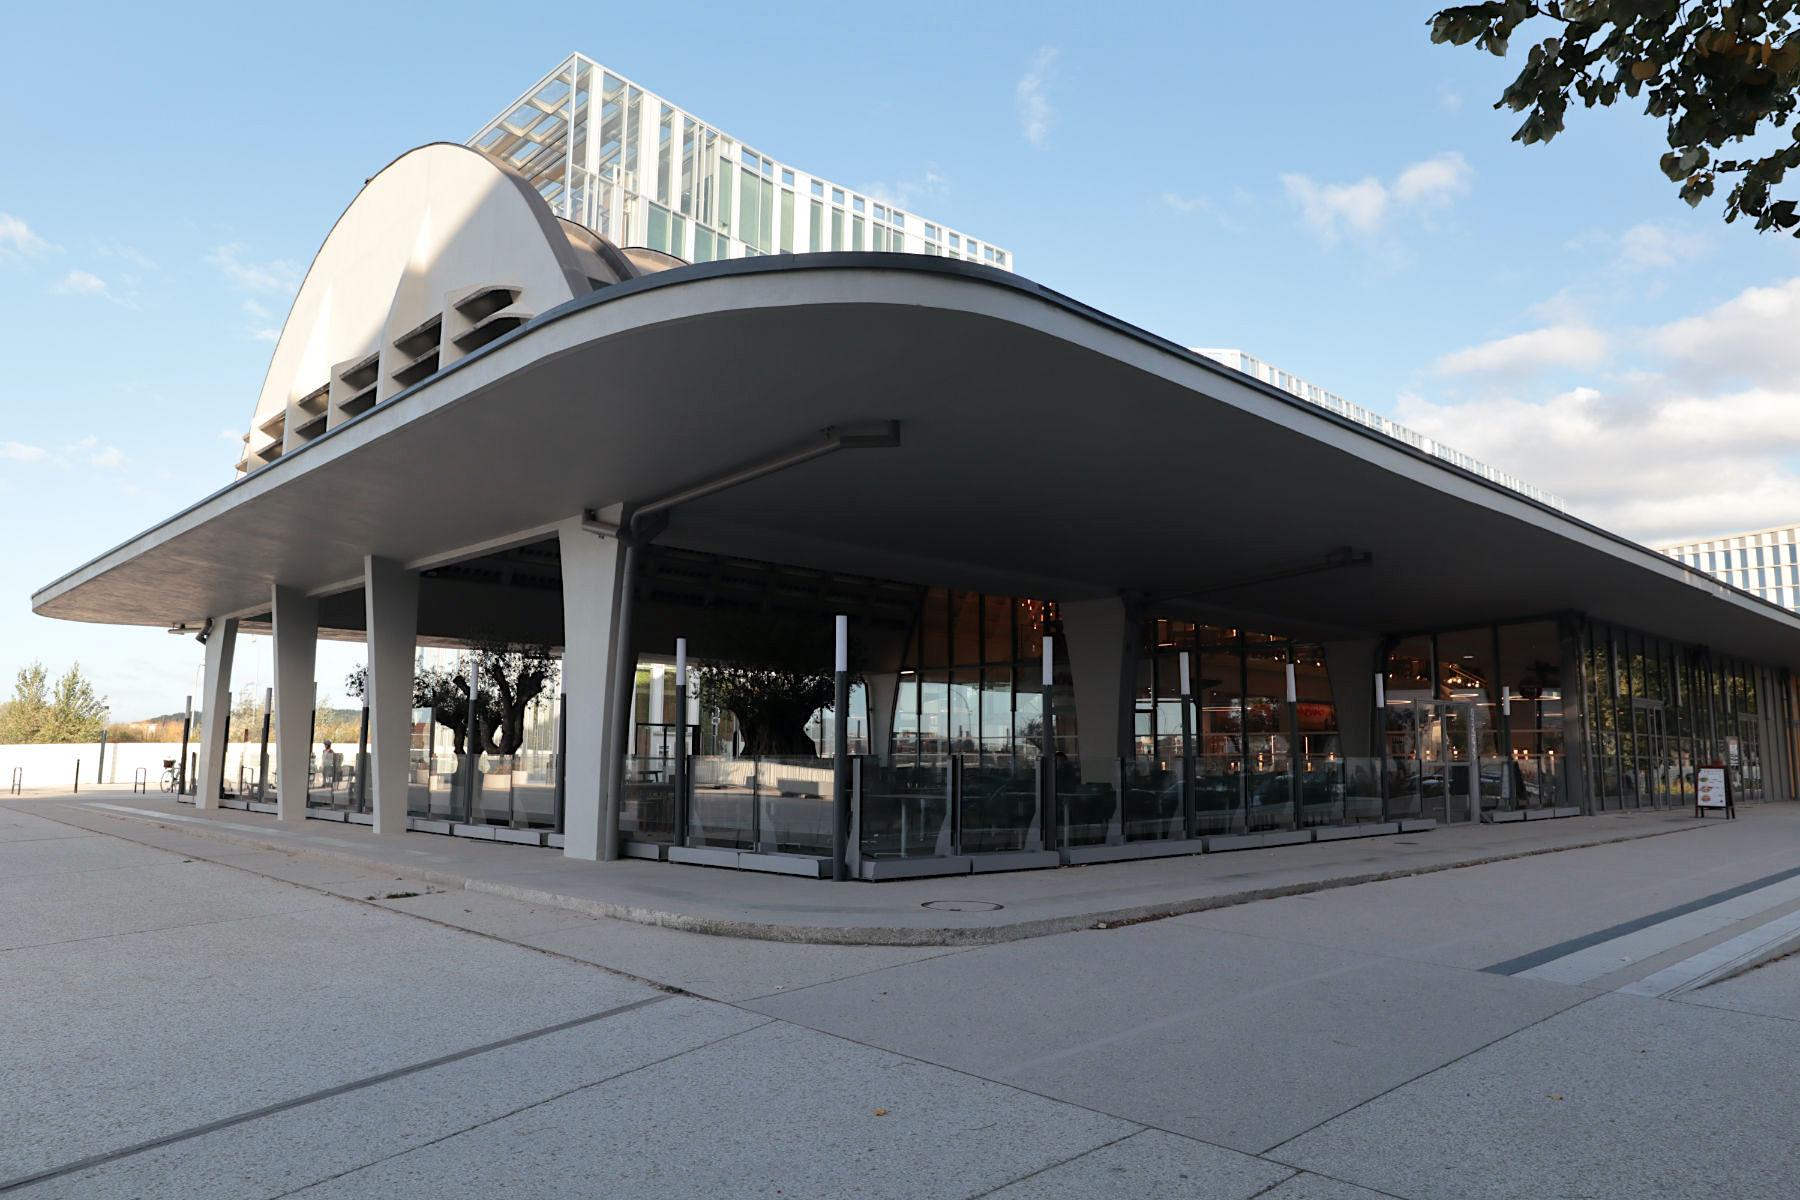 Halle Boca. Die Markthalle mit dem markanten Tonnenschalendach entstand 1938 und wurde 2018 von Agence Nicolas Michelin et Associés aufwendig saniert. Sie zählt heute zusammen mit dem Méca zu den markantesten Bauten im neuen Geschäftsviertel Euratlantique im Stadtteil Saint-Jean Belcier südlich des Bahnhofs Saint-Jean.